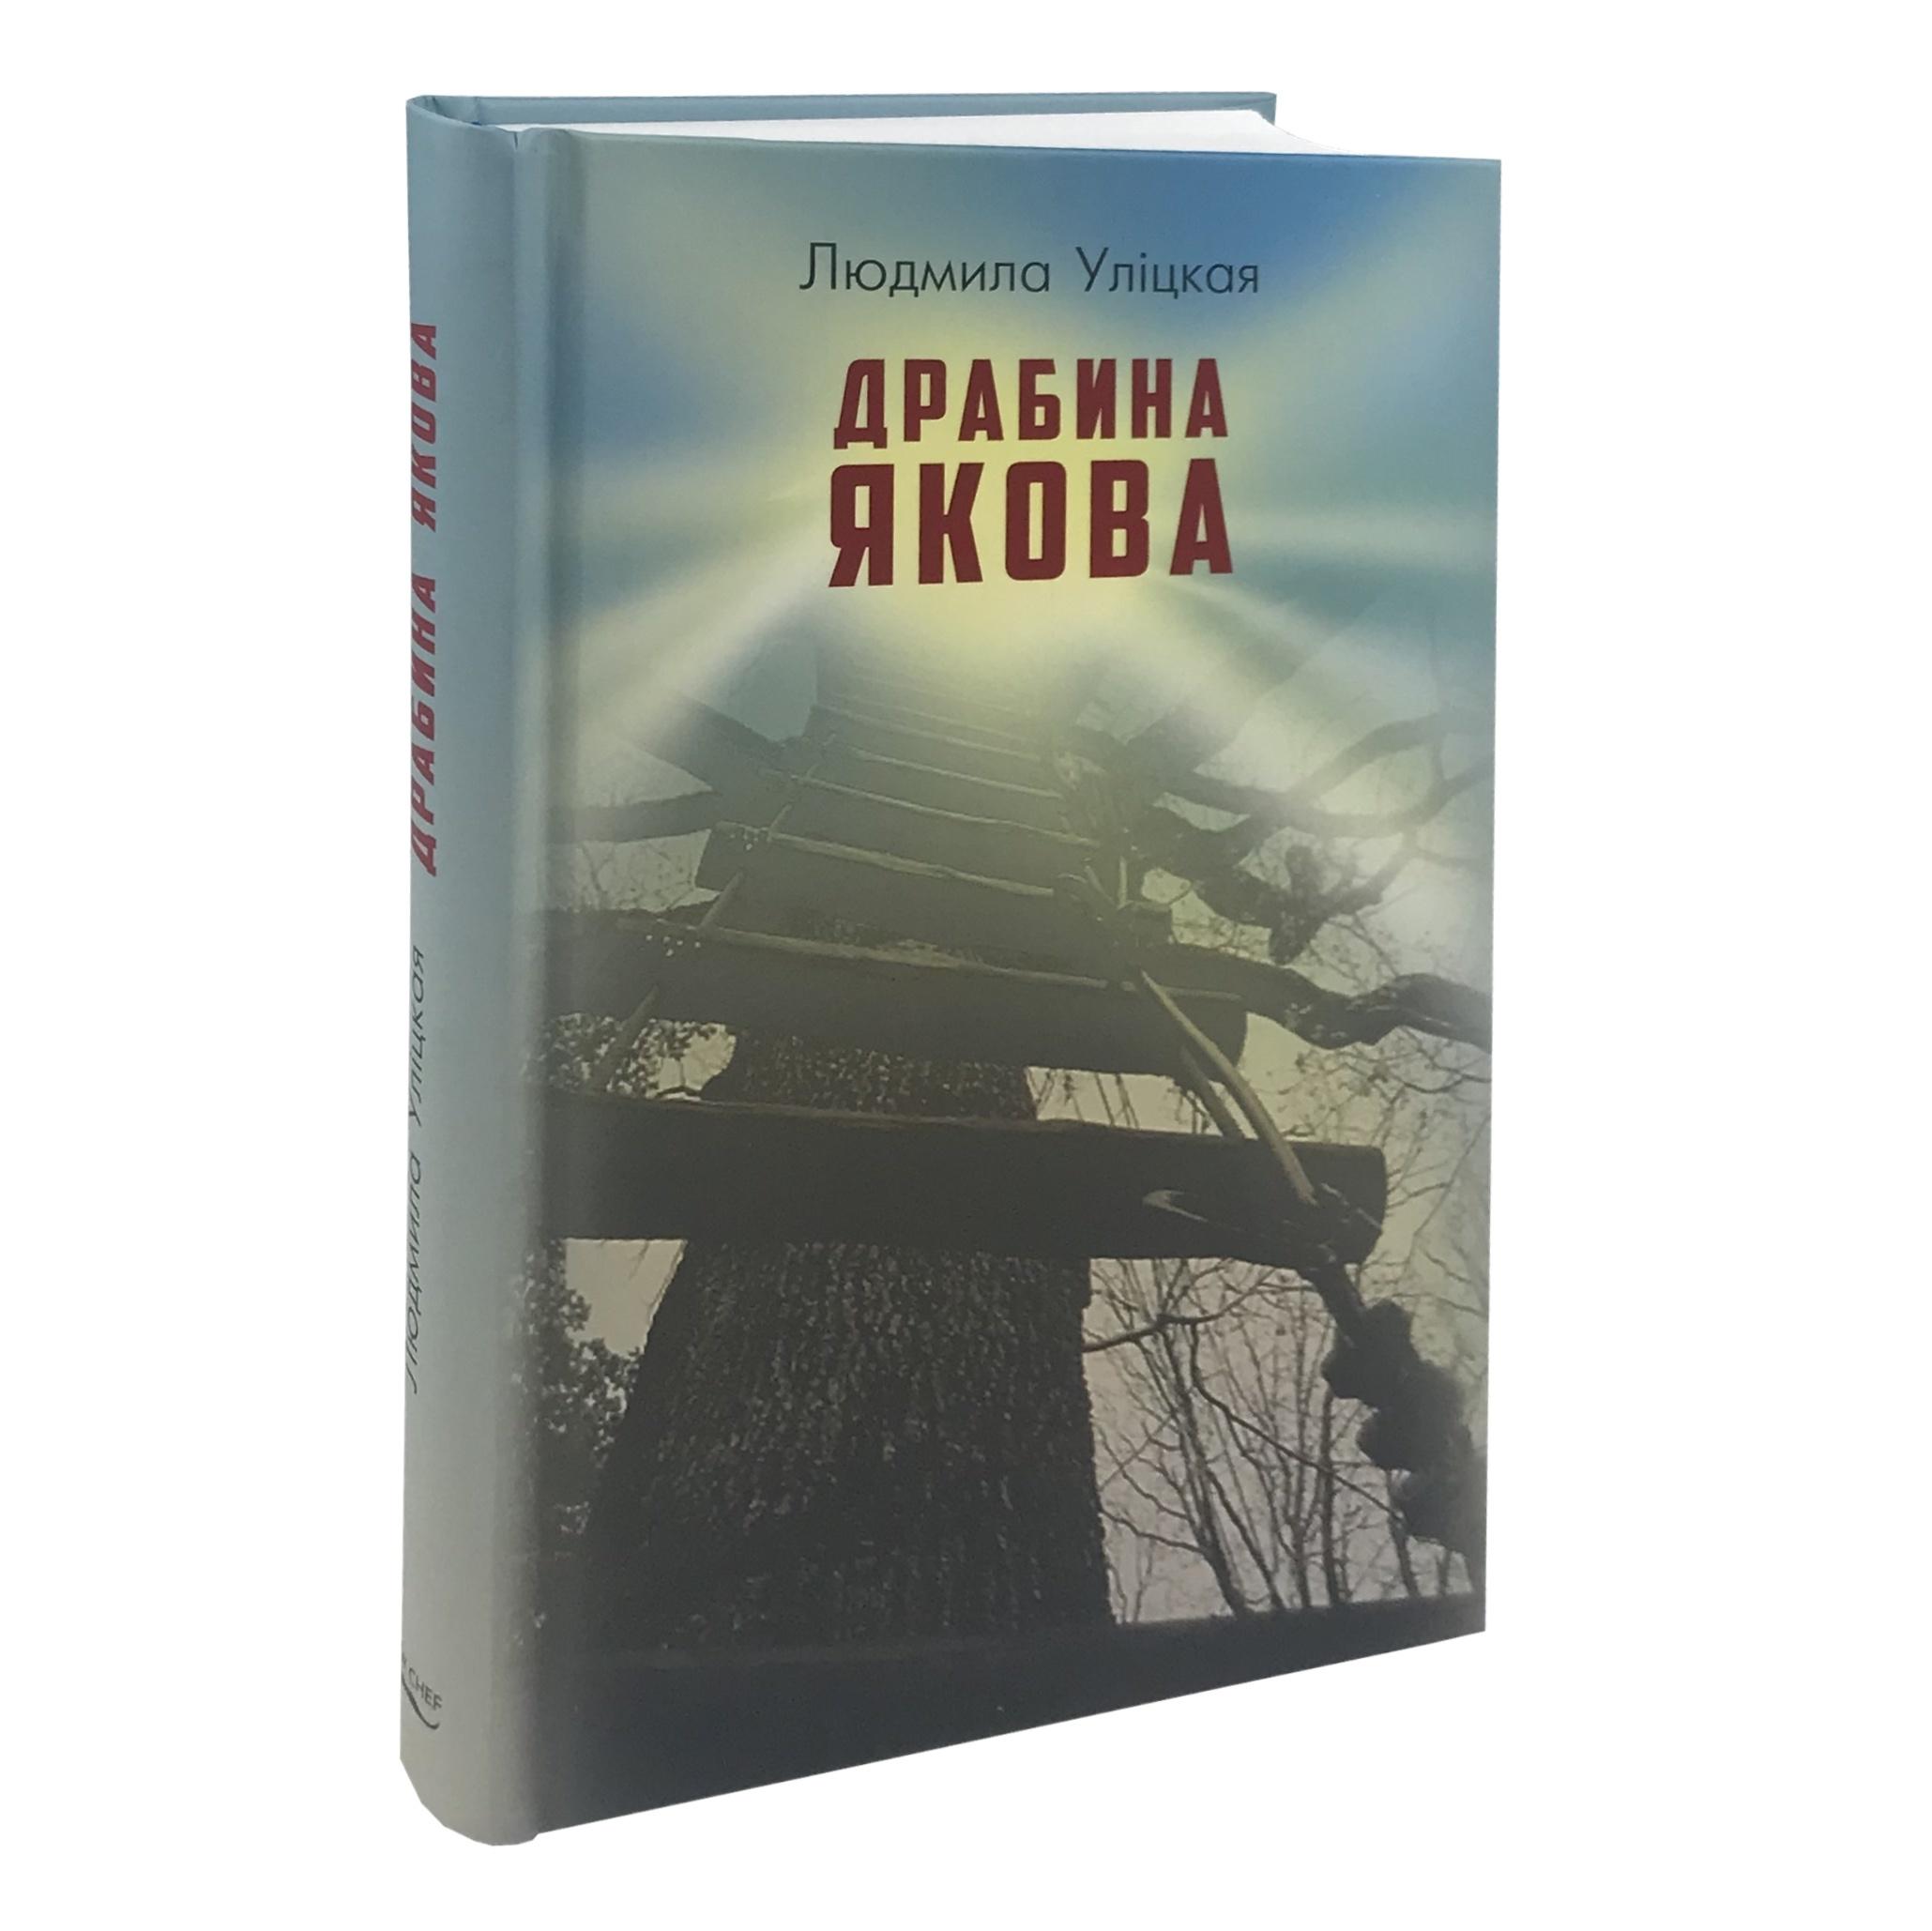 Драбина Якова. Автор — Людмила Улицкая.